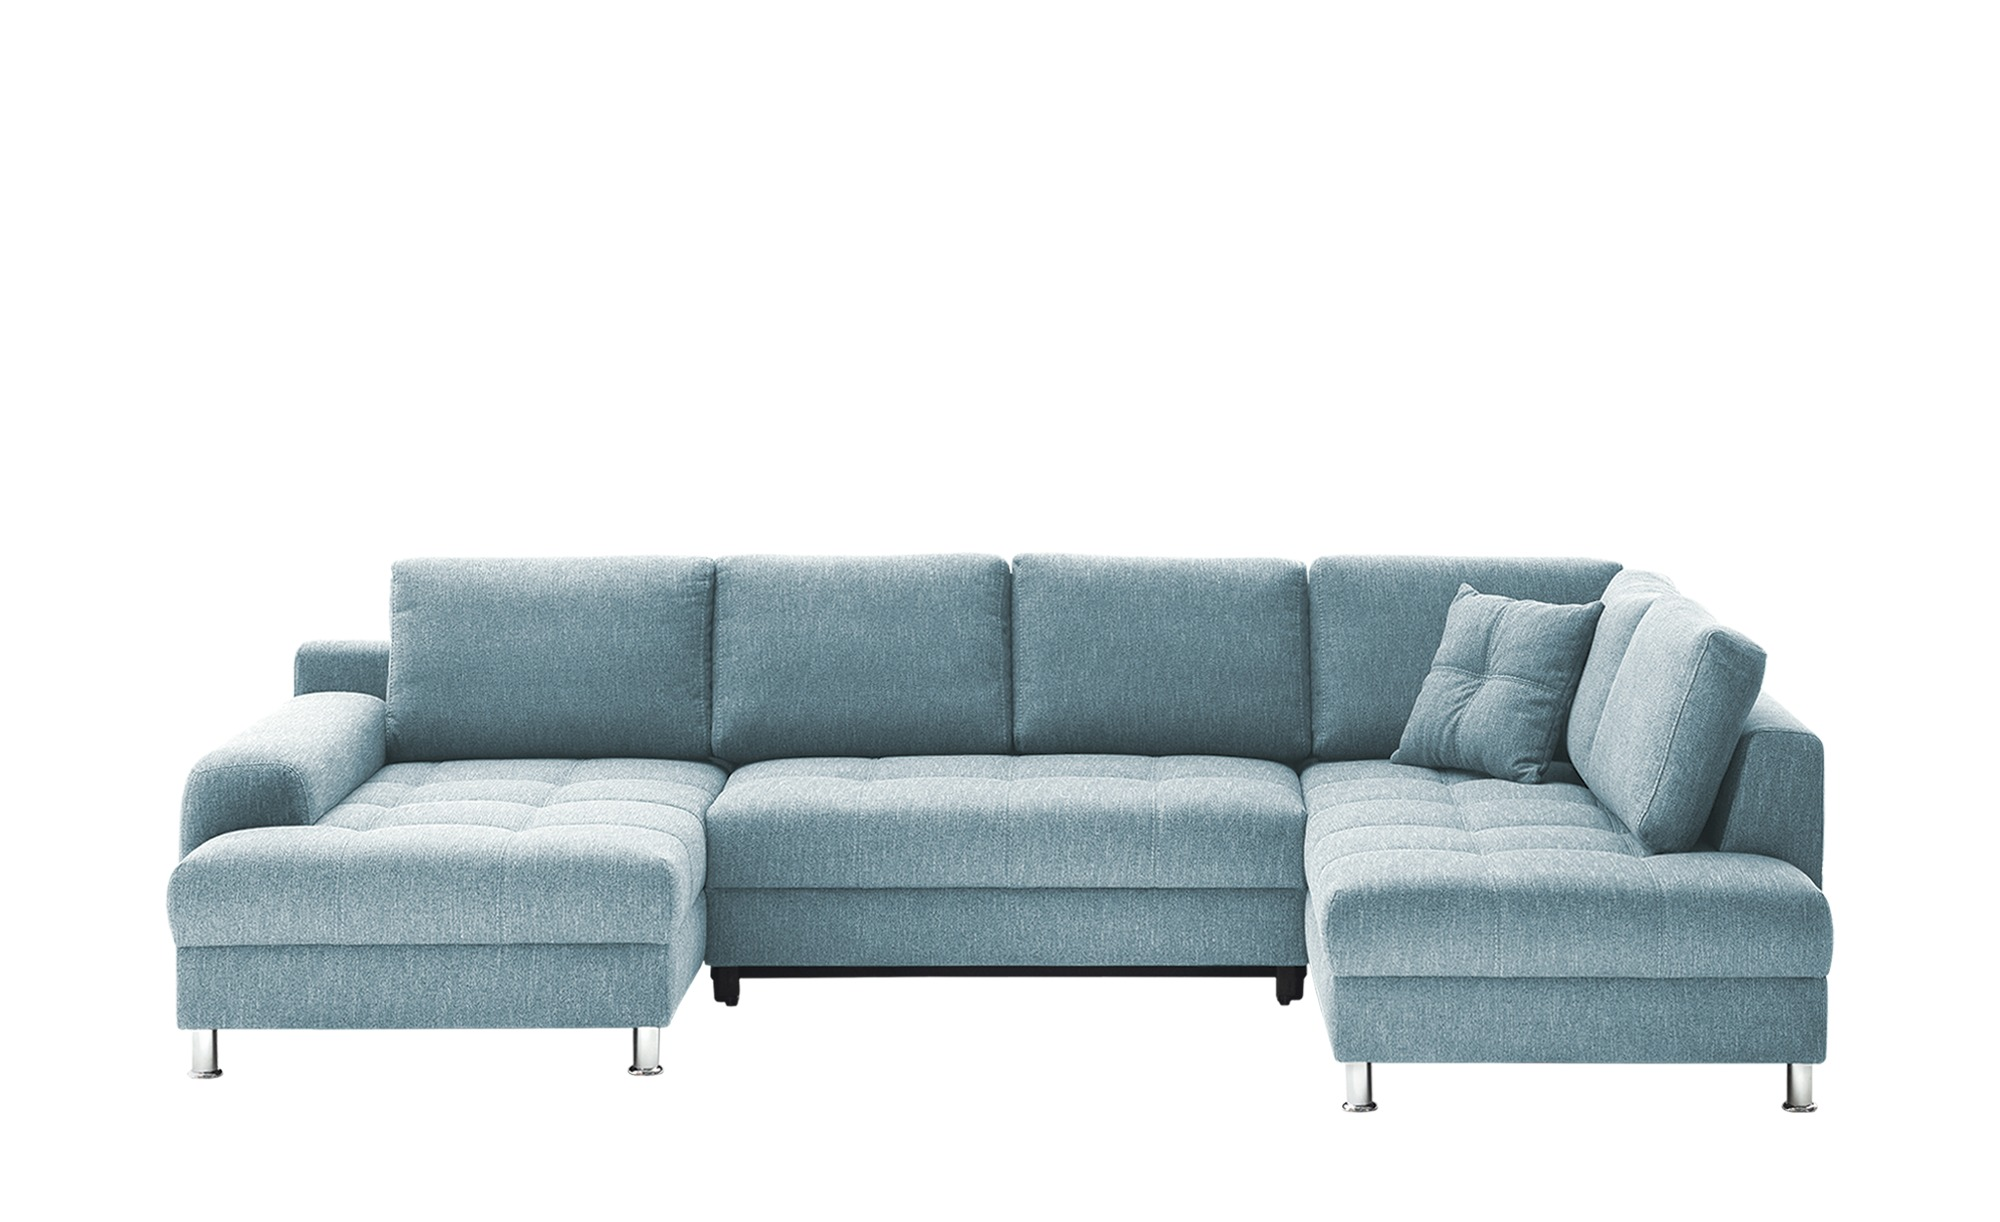 bobb Wohnlandschaft  Giulia ¦ blau ¦ Maße (cm): B: 342 H: 92 T: 220 Polstermöbel > Sofas > Schlafsofas - Höffner